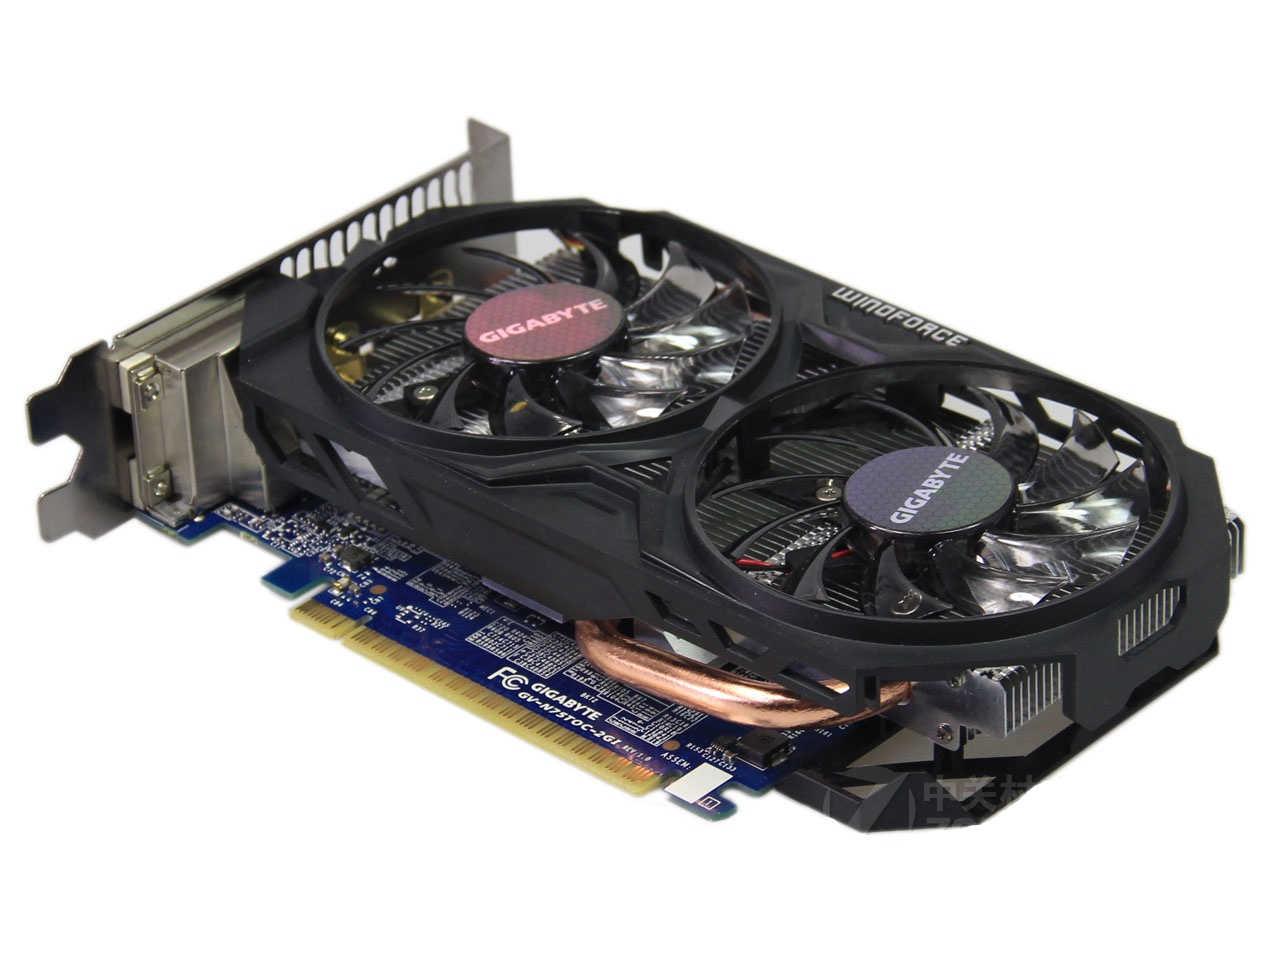 Ban đầu GIGABYTE GV-N75TOC-2GI Video Thẻ GPU 128Bit GDDR5 GTX 750TI GTX750 Card đồ họa cho NVIDIA Geforc Videocard Bản Đồ